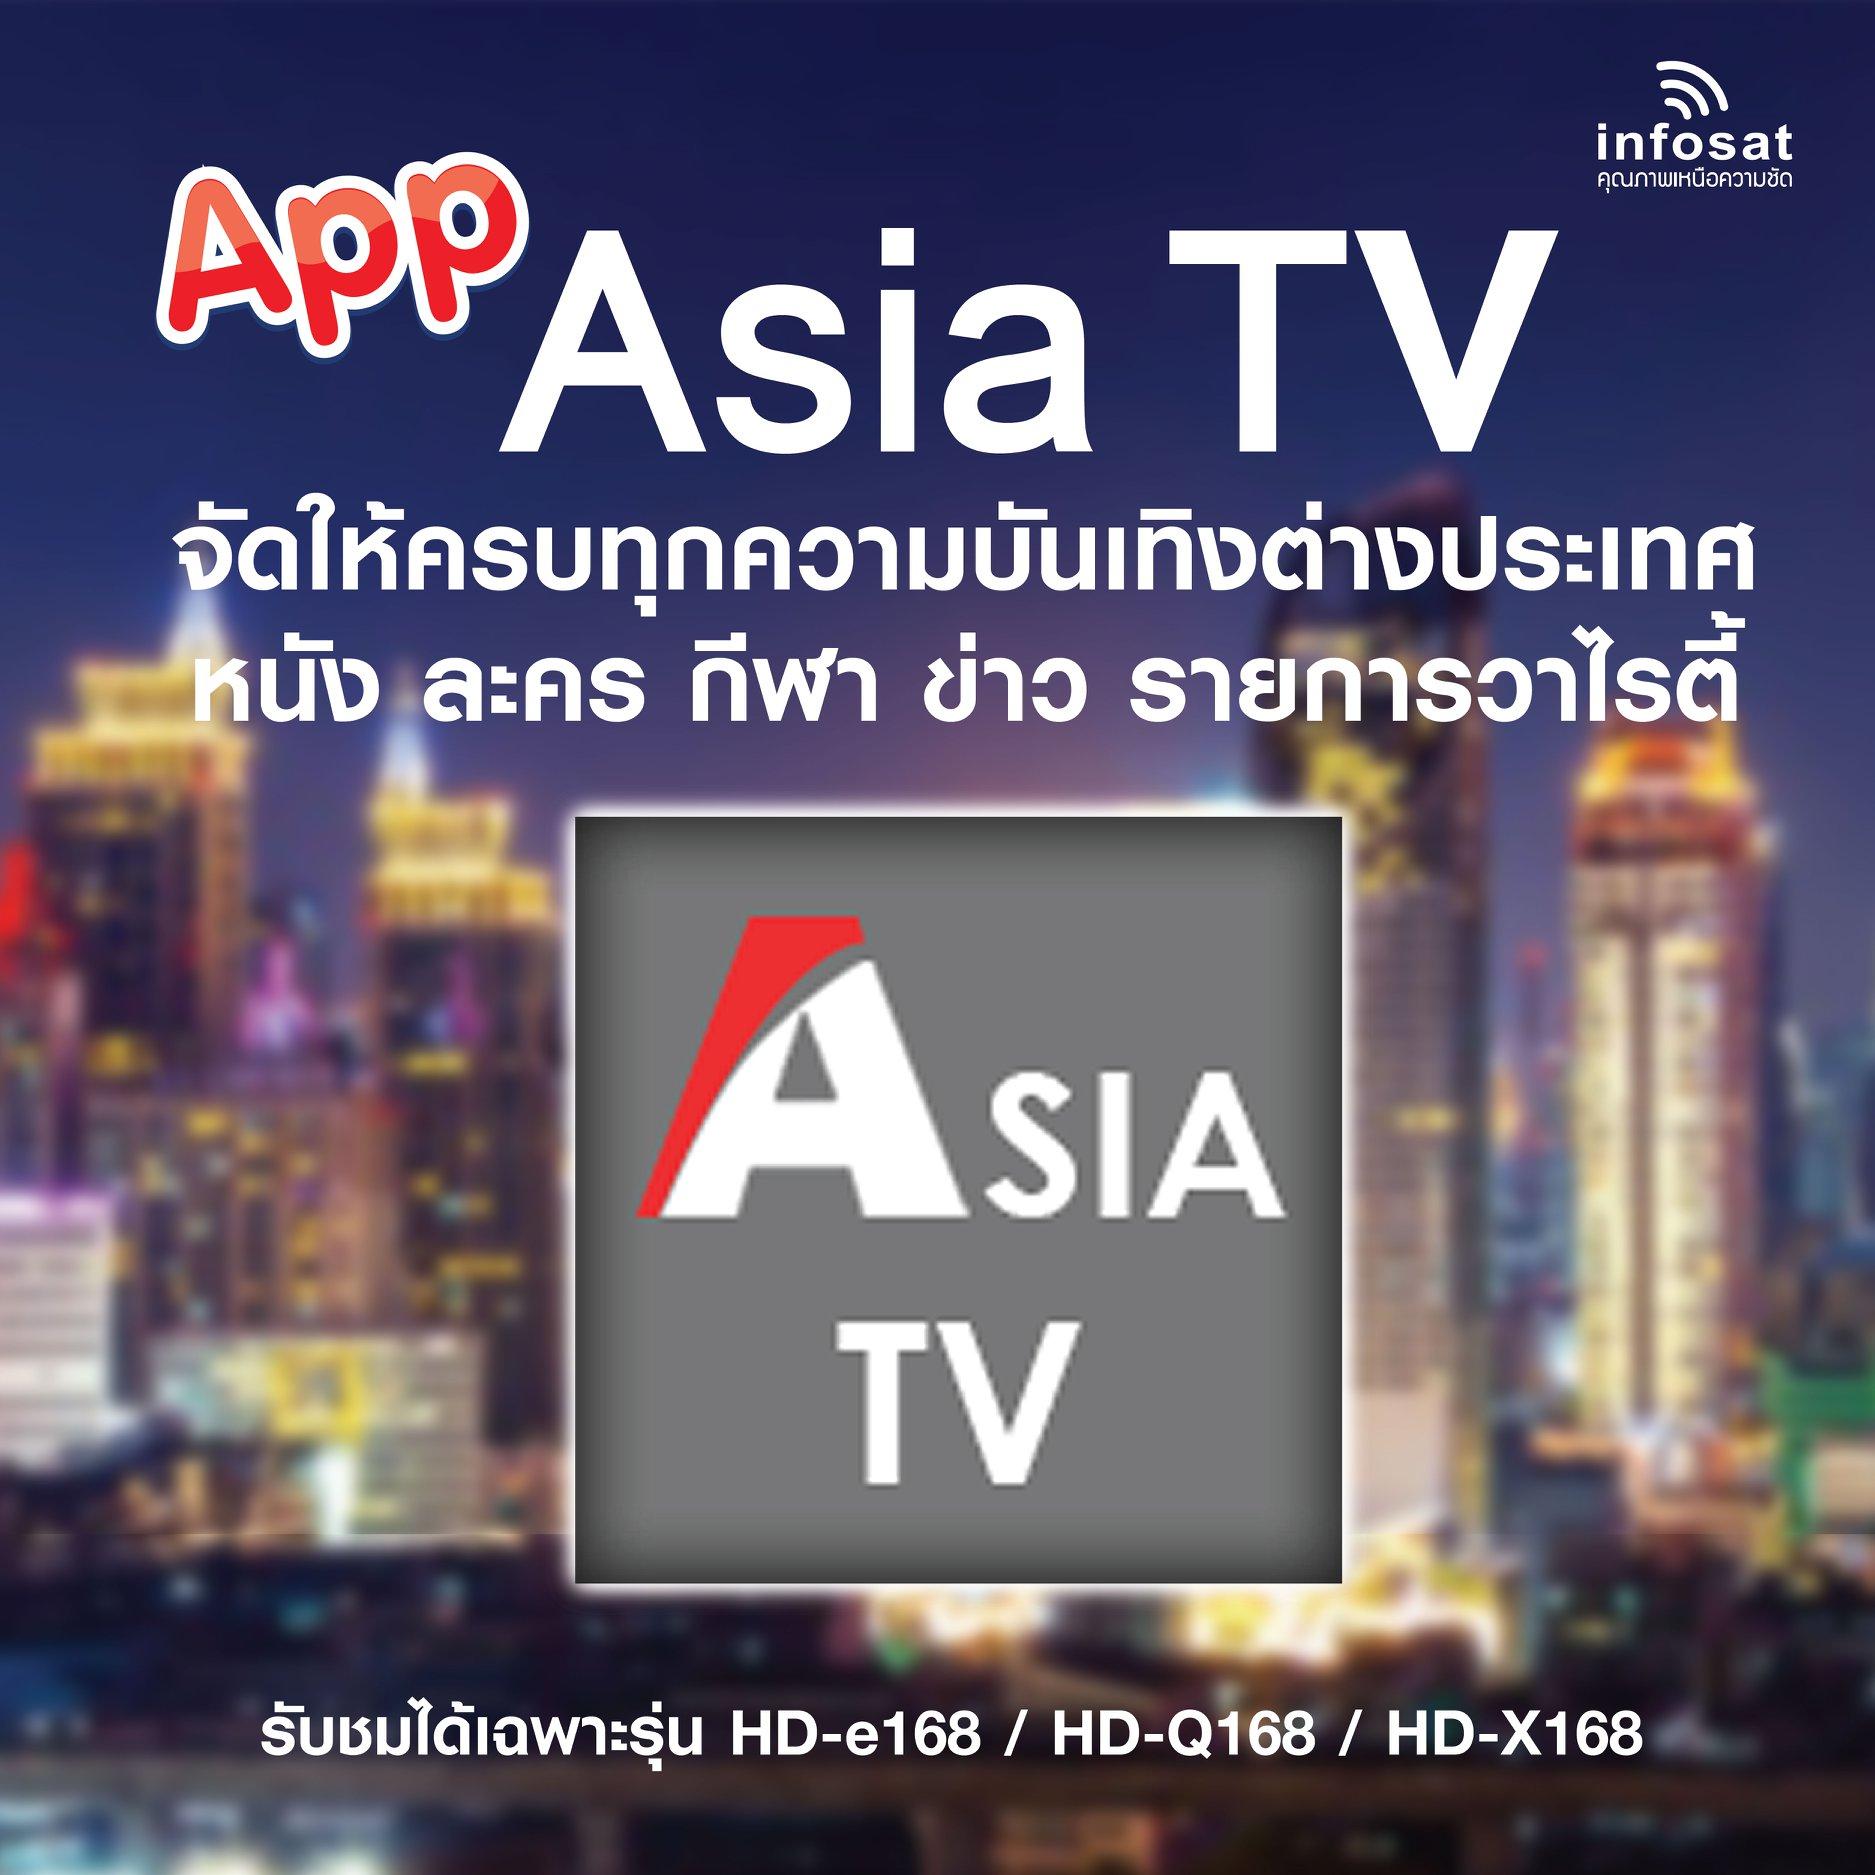 APP ASIA TV จัดให้ครบทุกความบันเทิงต่างประเทศ หนัง ละคร กีฬา ข่าว รายการวาไรตี้